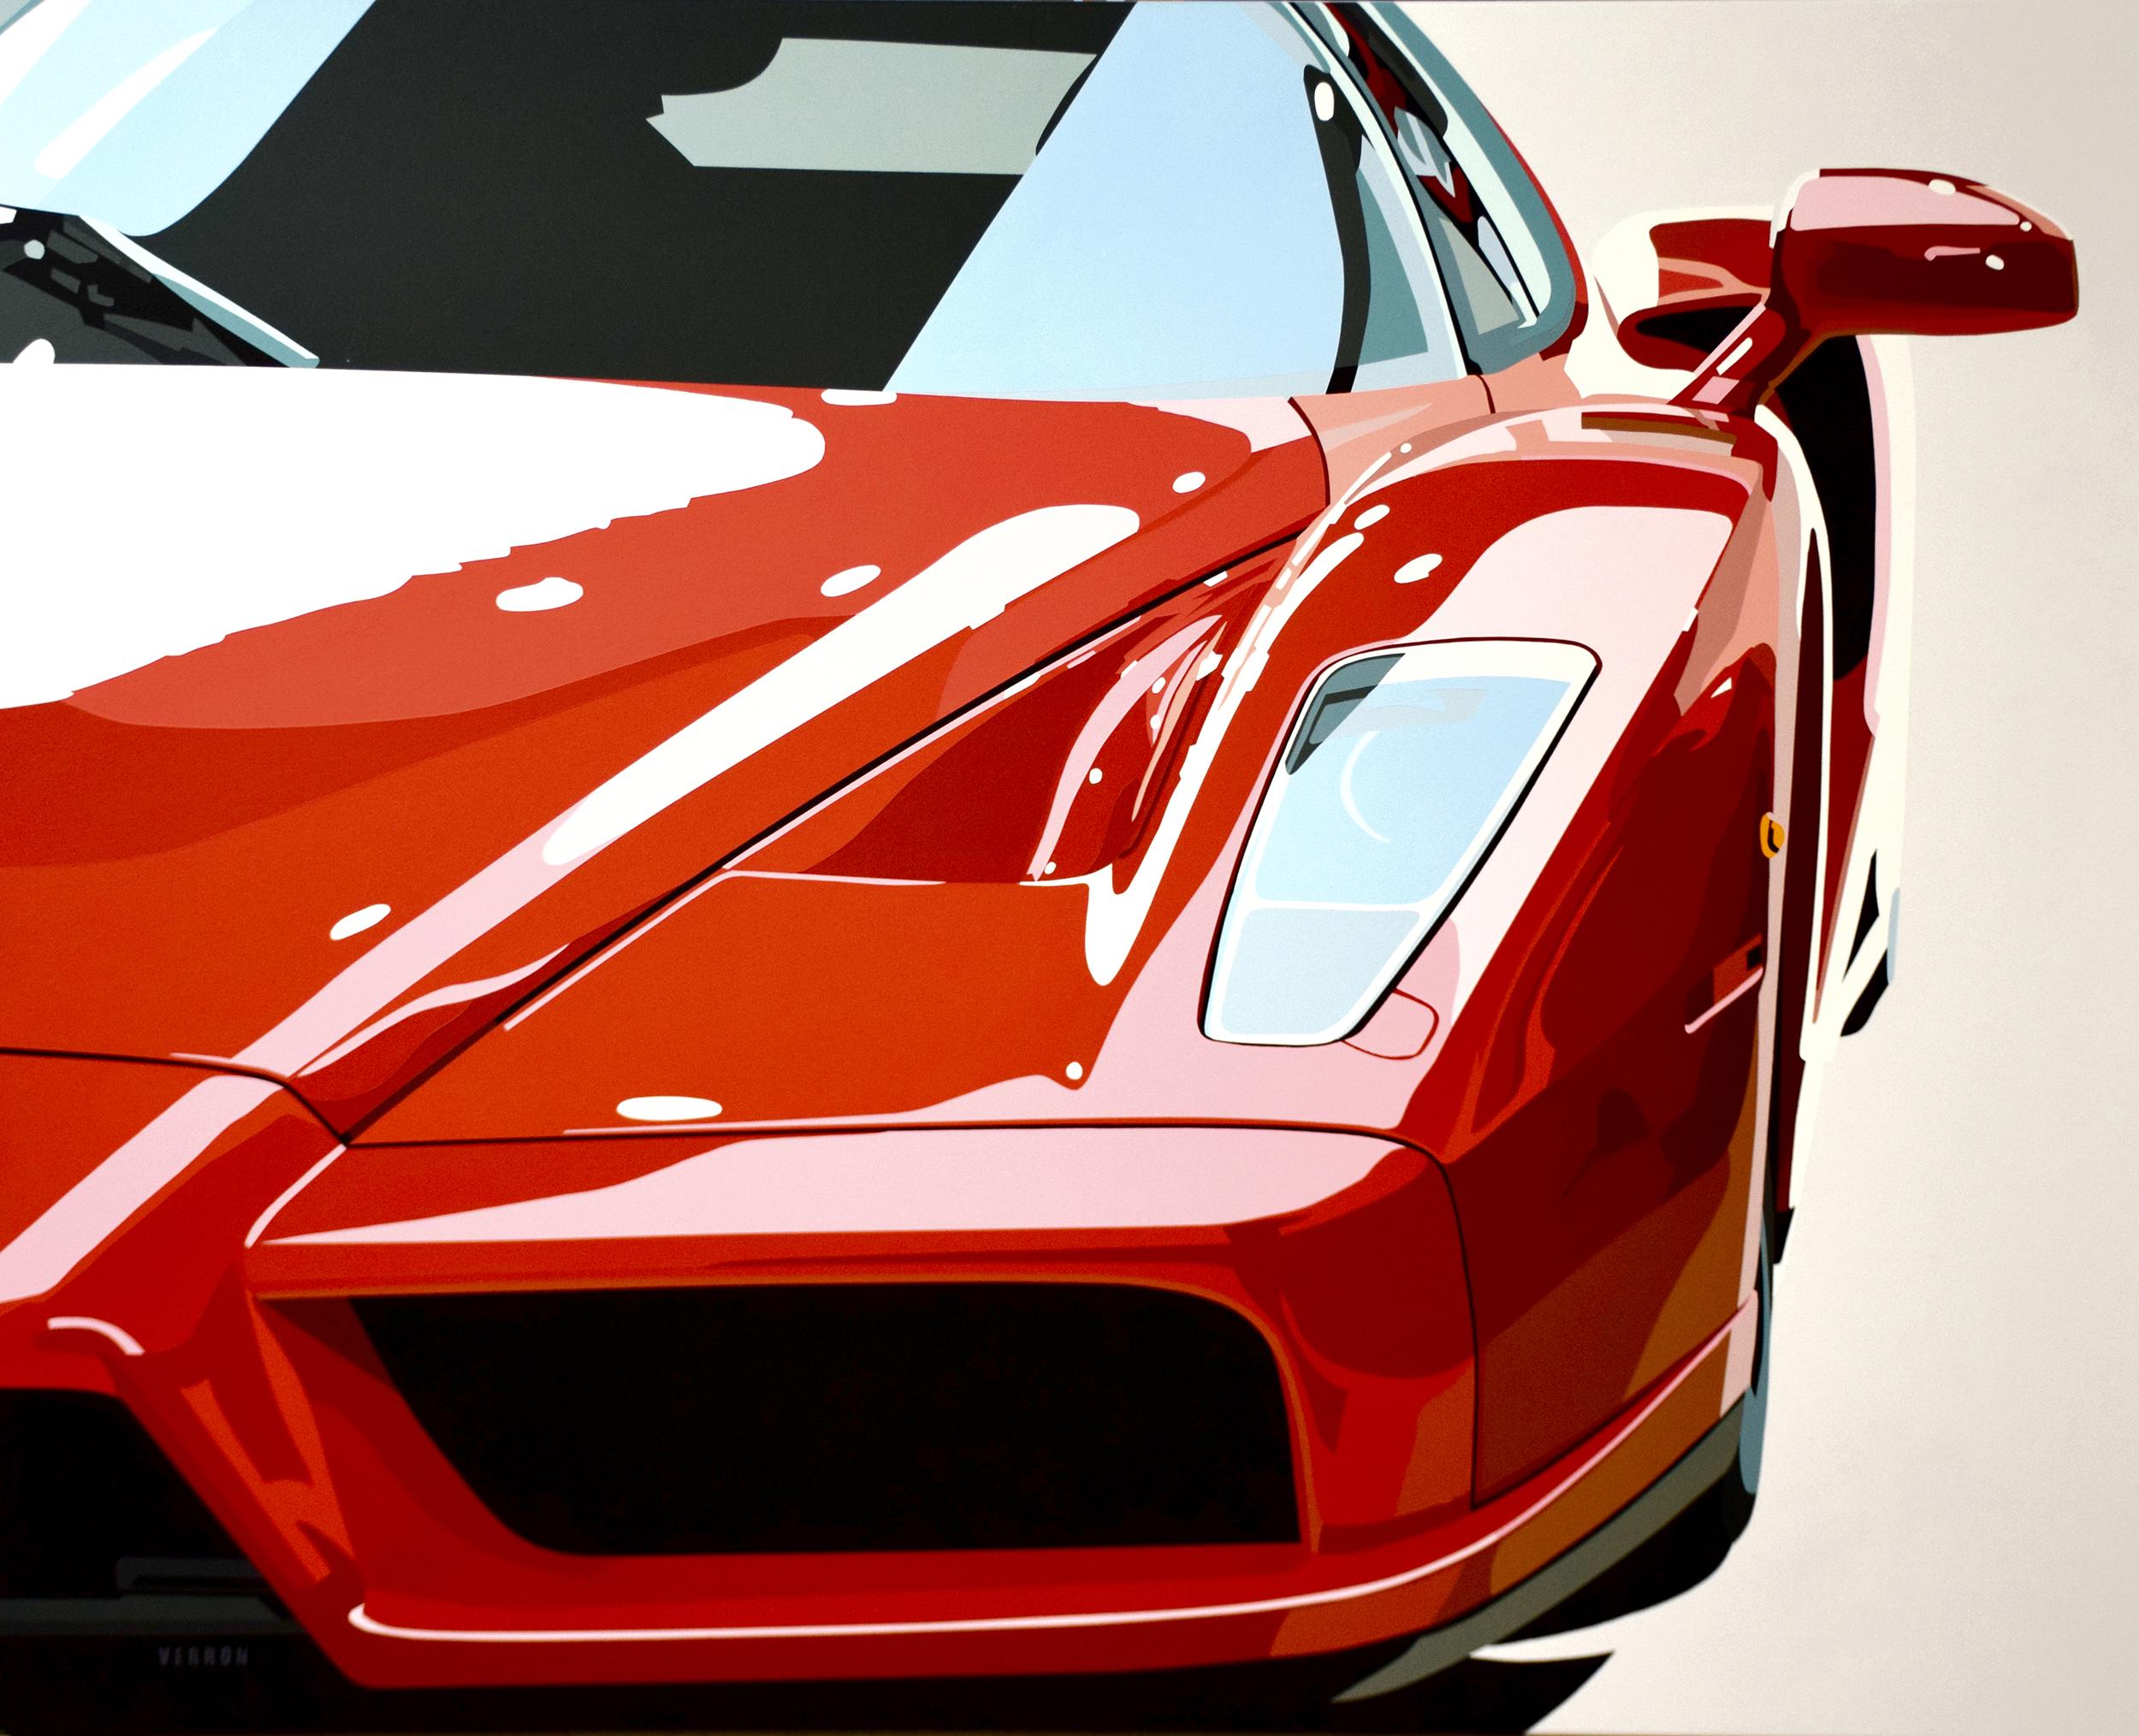 Verron - Ferrari , 8051-012-007